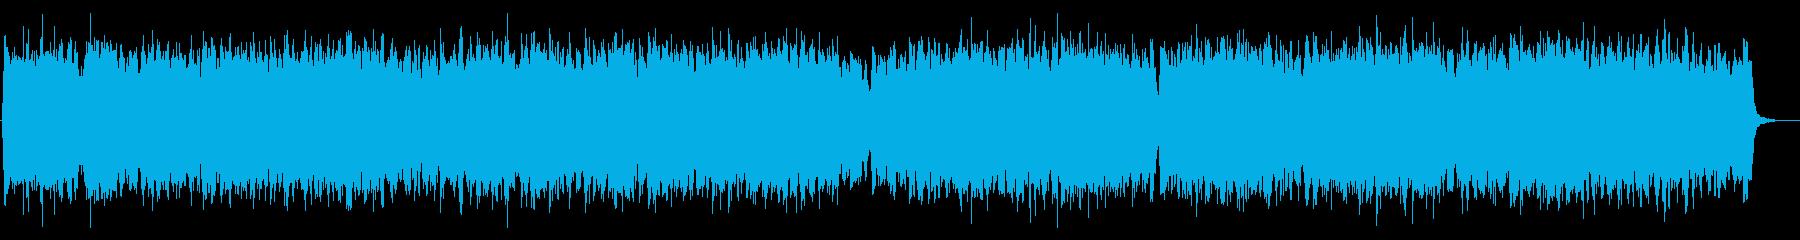 「G線上のアリア」をシンセベル音で。の再生済みの波形